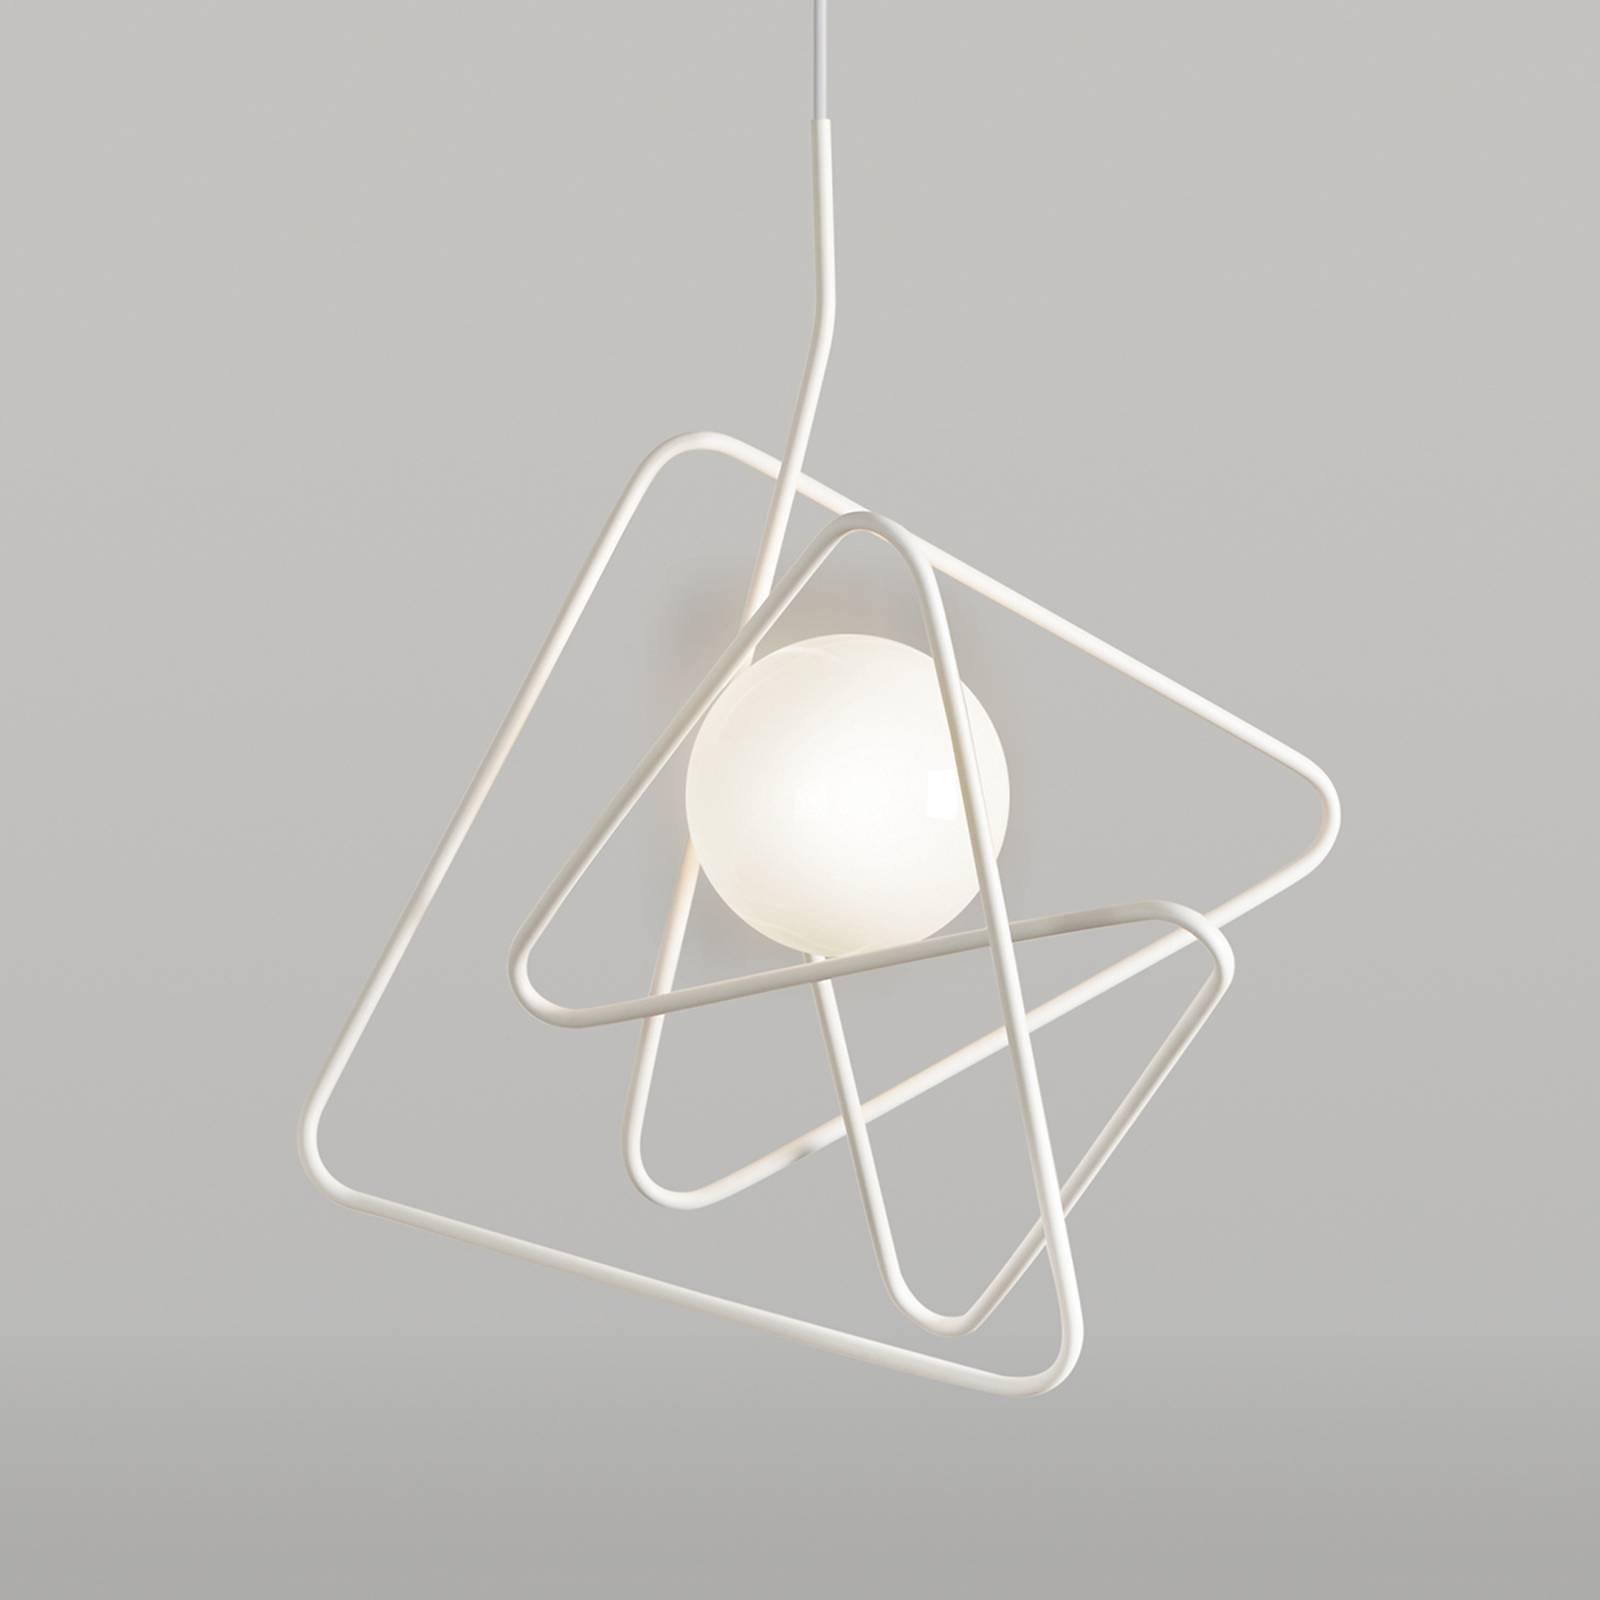 Tyylikäs design-kattovalaisin Inciucio, valkoinen